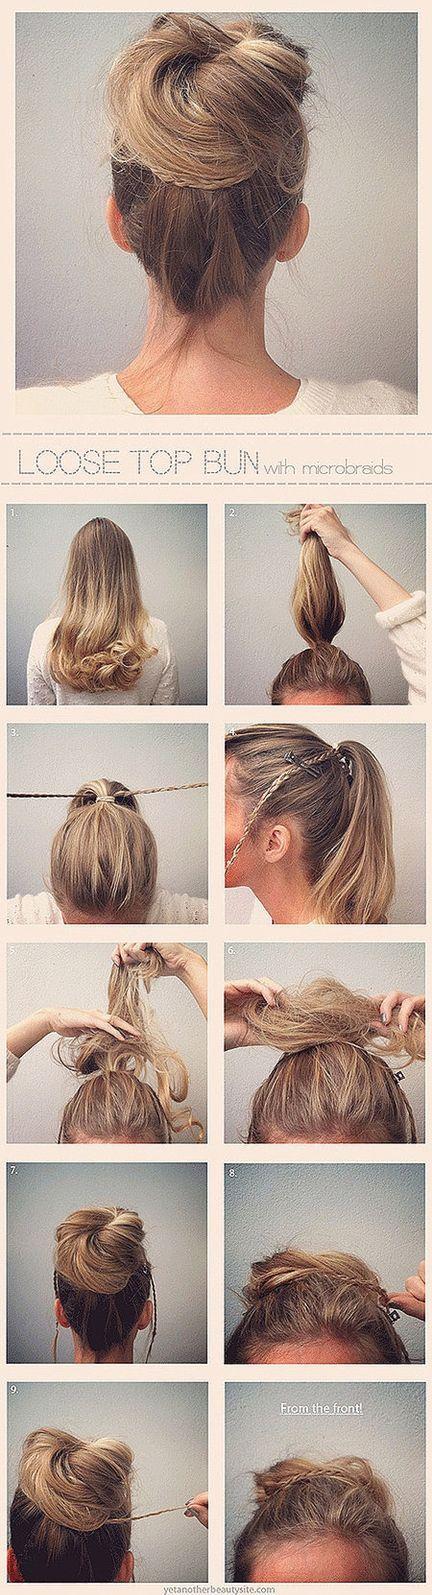 Loose Top Bun diy long hair updo diy hair diy bun hairstyles hair tutorials easy hairstyles